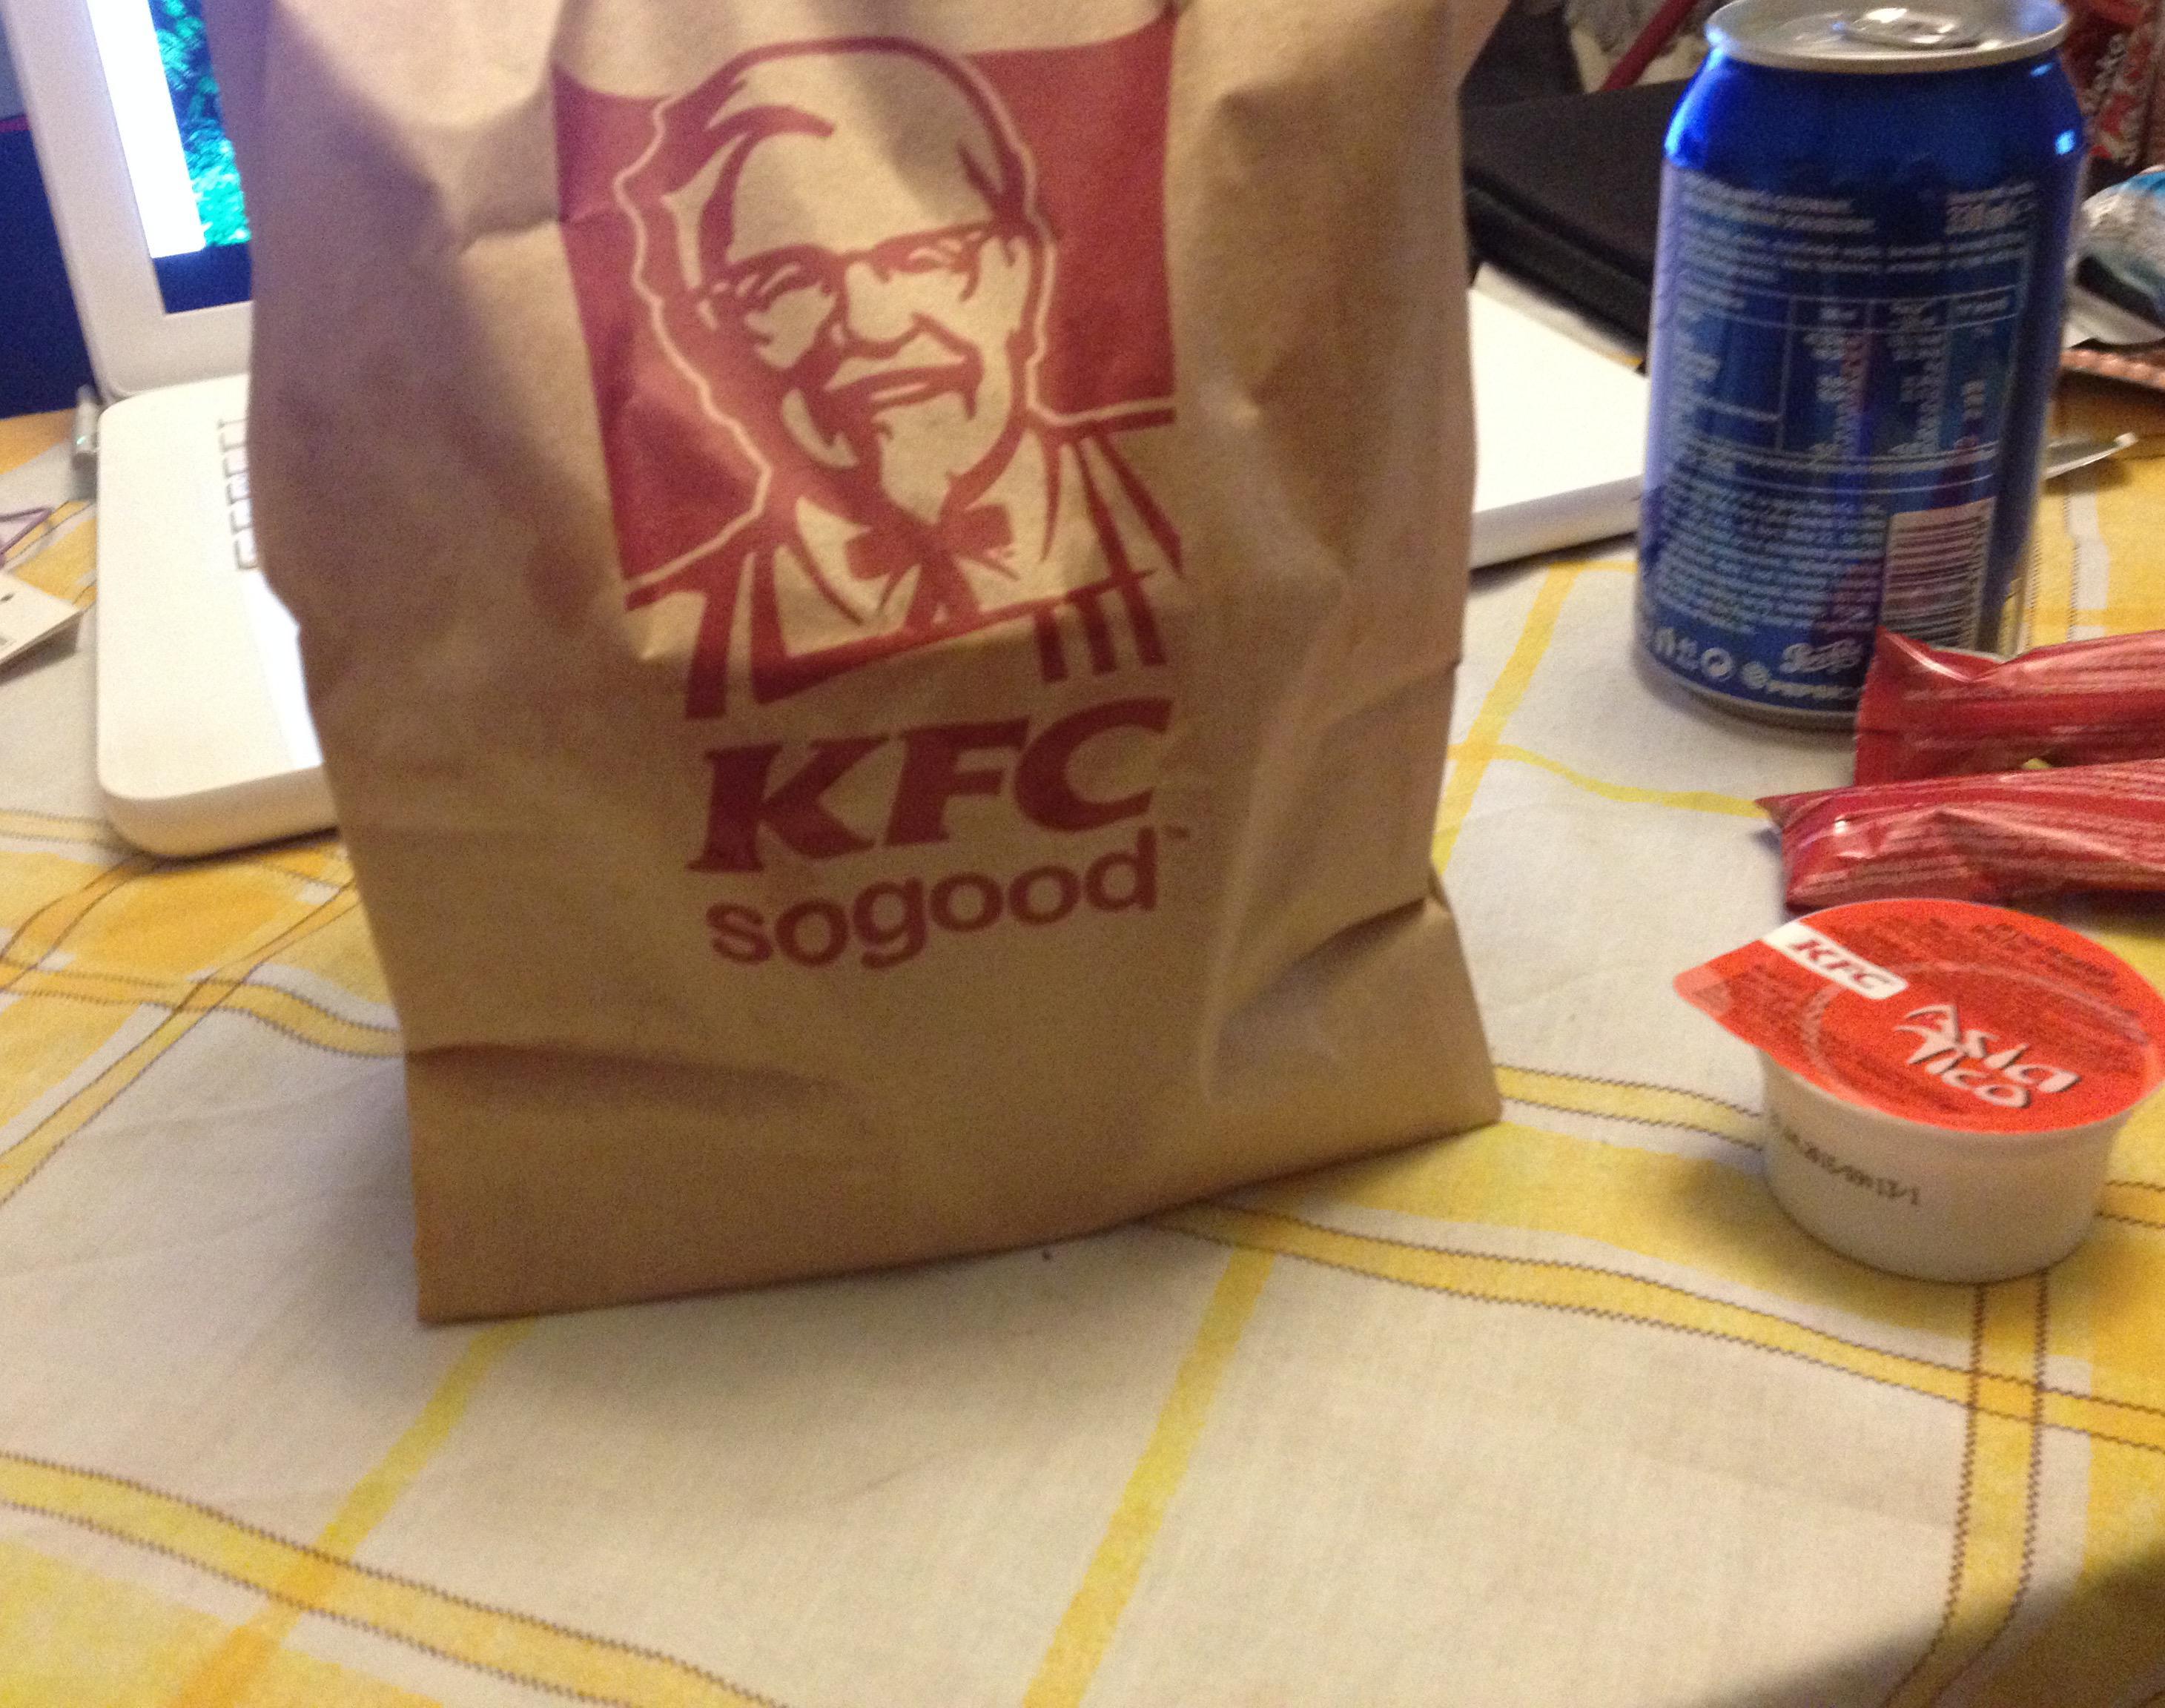 Papierowa torba, burger i już mamy Amerykę w Polsce.